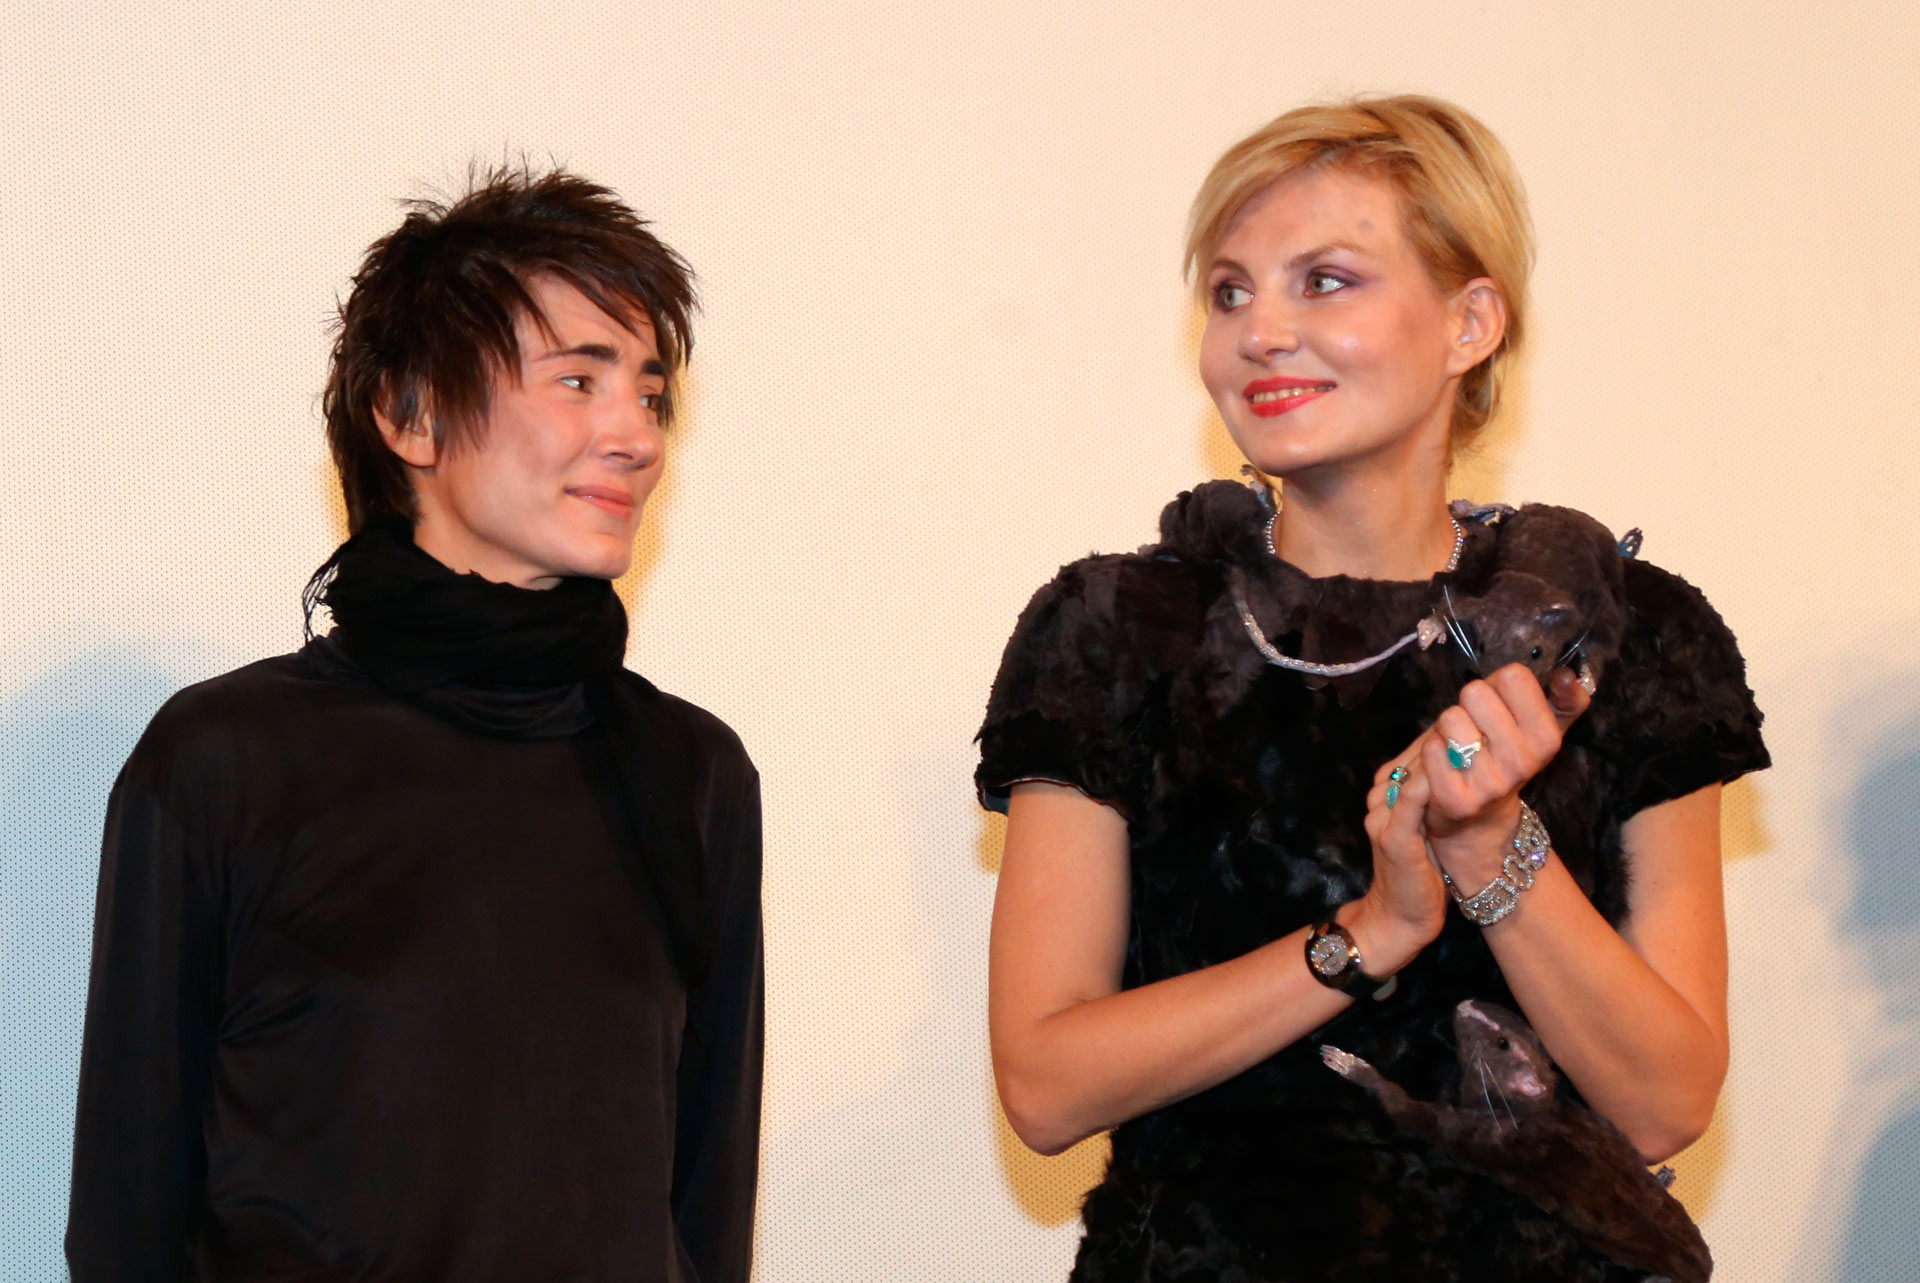 <p>Земфира и Рената Литвинова. Фото: &copy; РИА Новости/Екатерина Чеснокова</p>